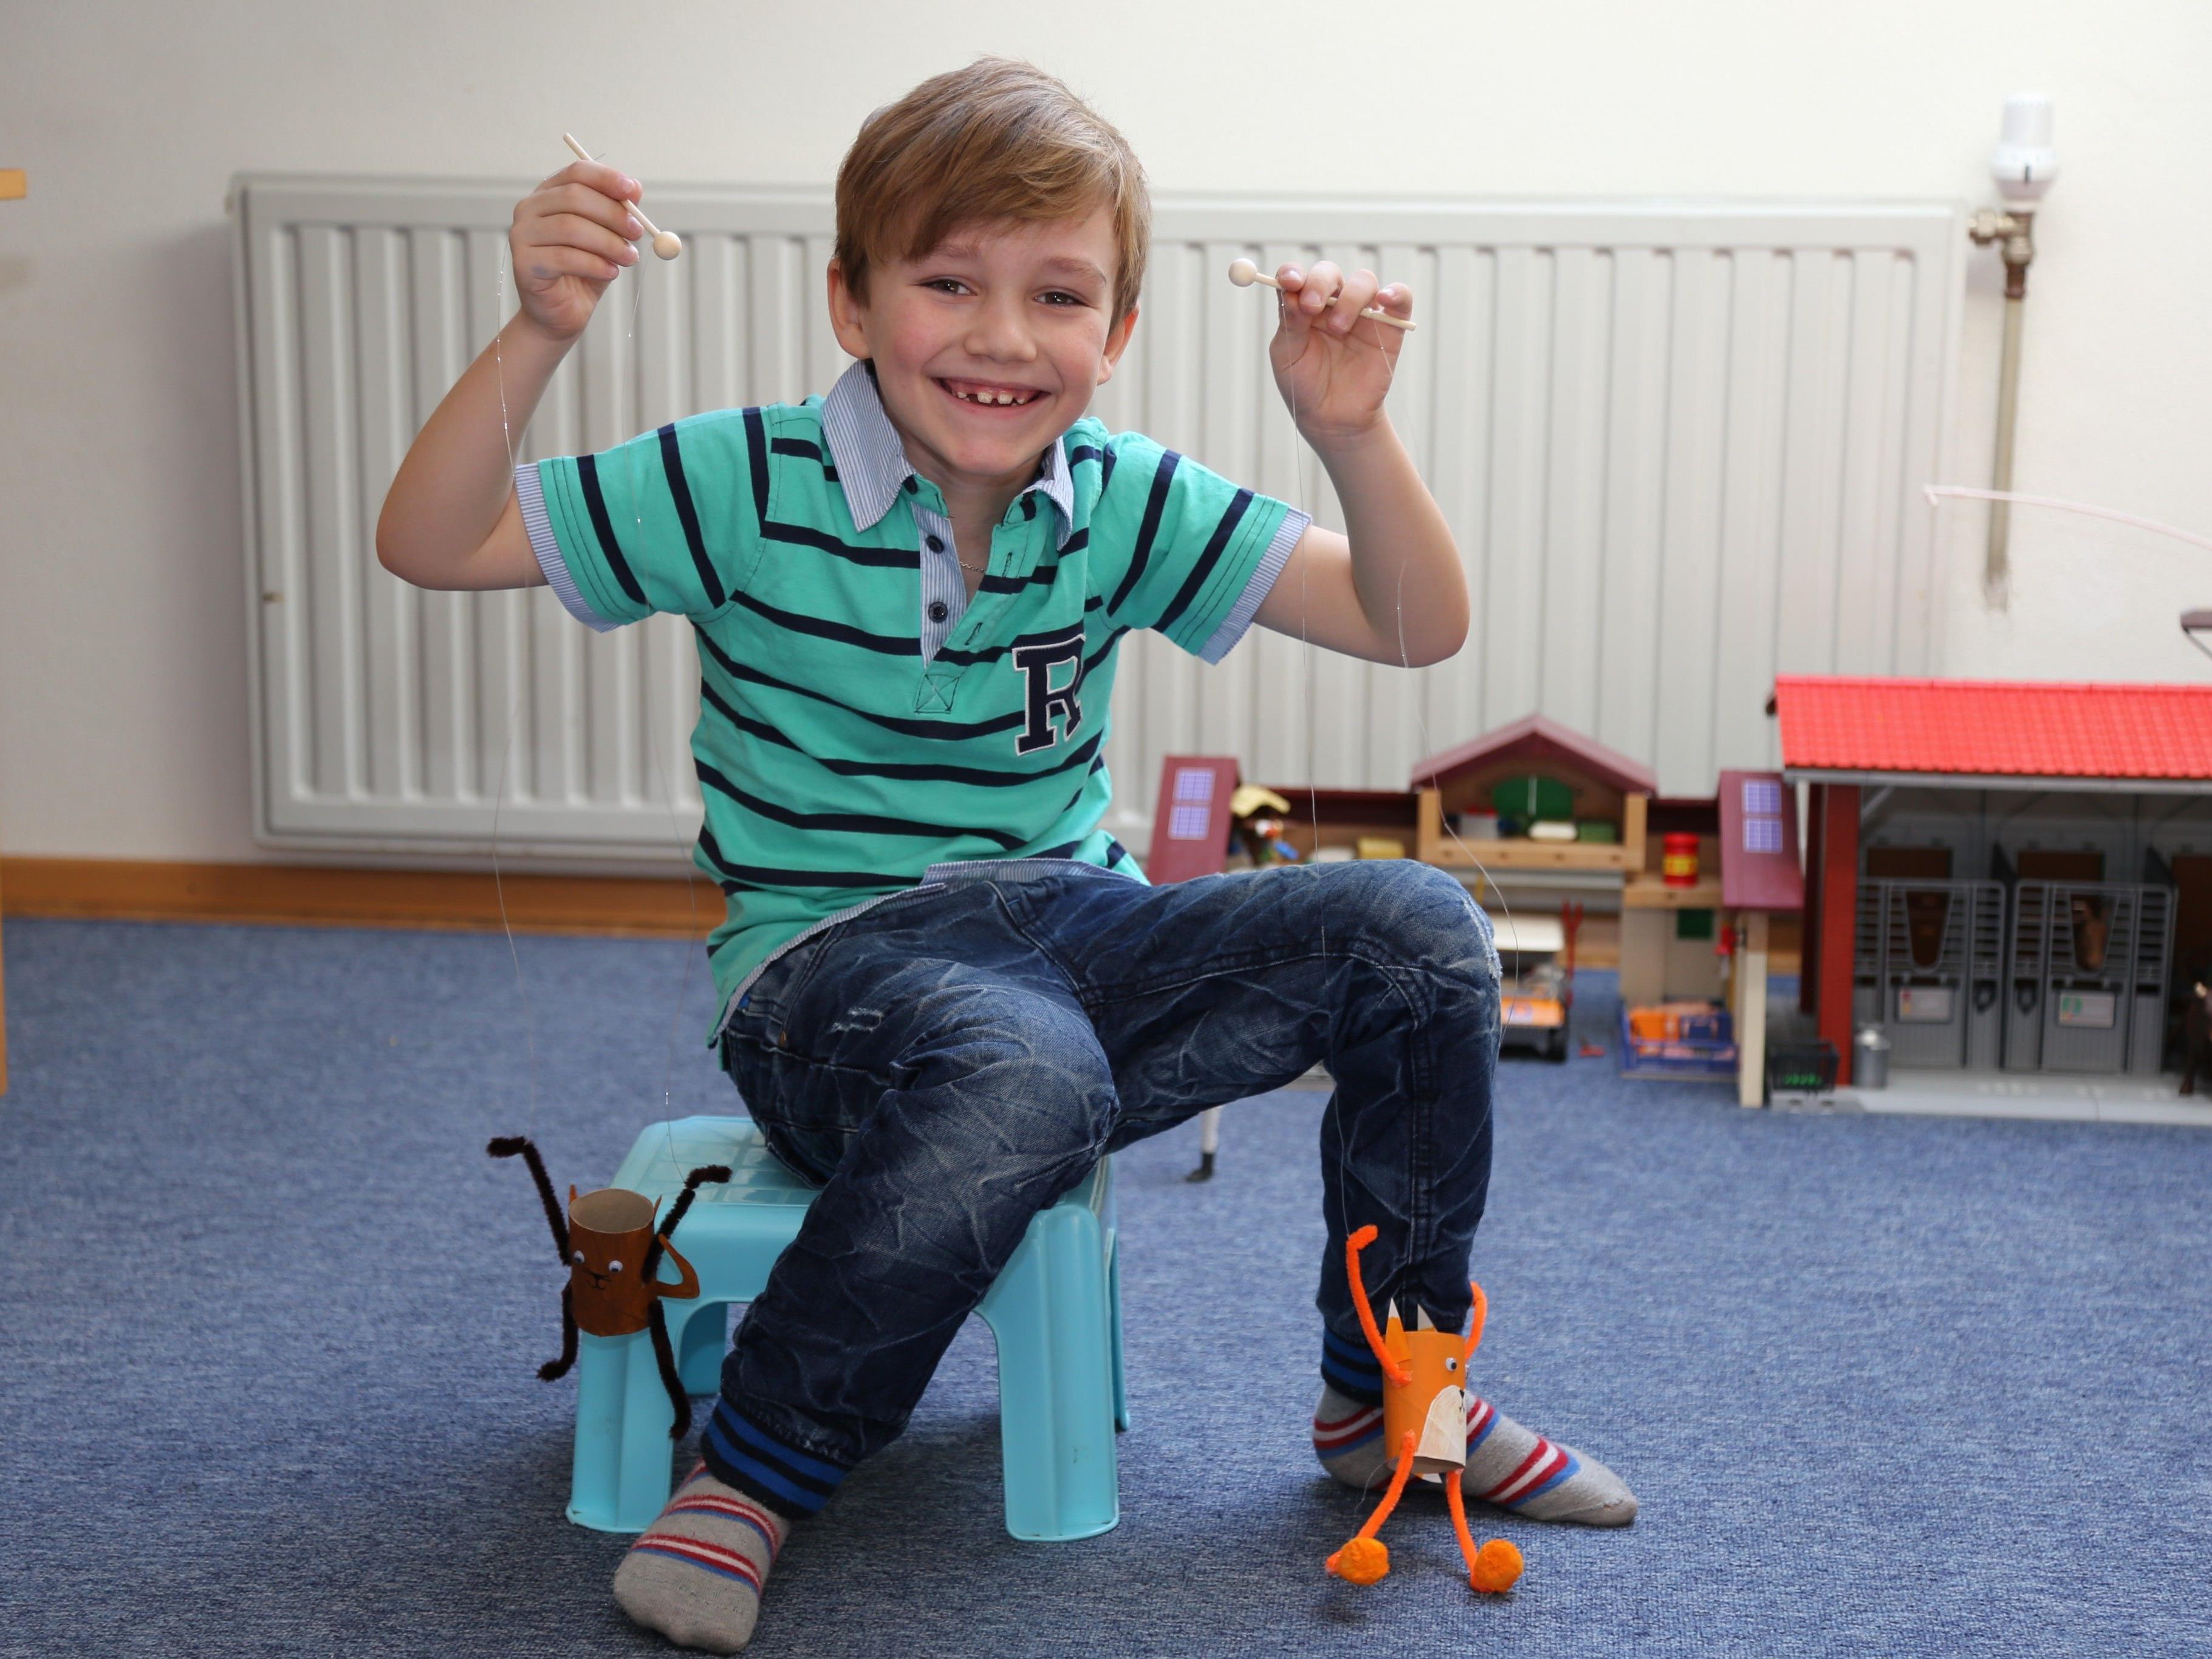 Das macht Spaß: Max lässt die selbst gemachten Puppen tanzen.